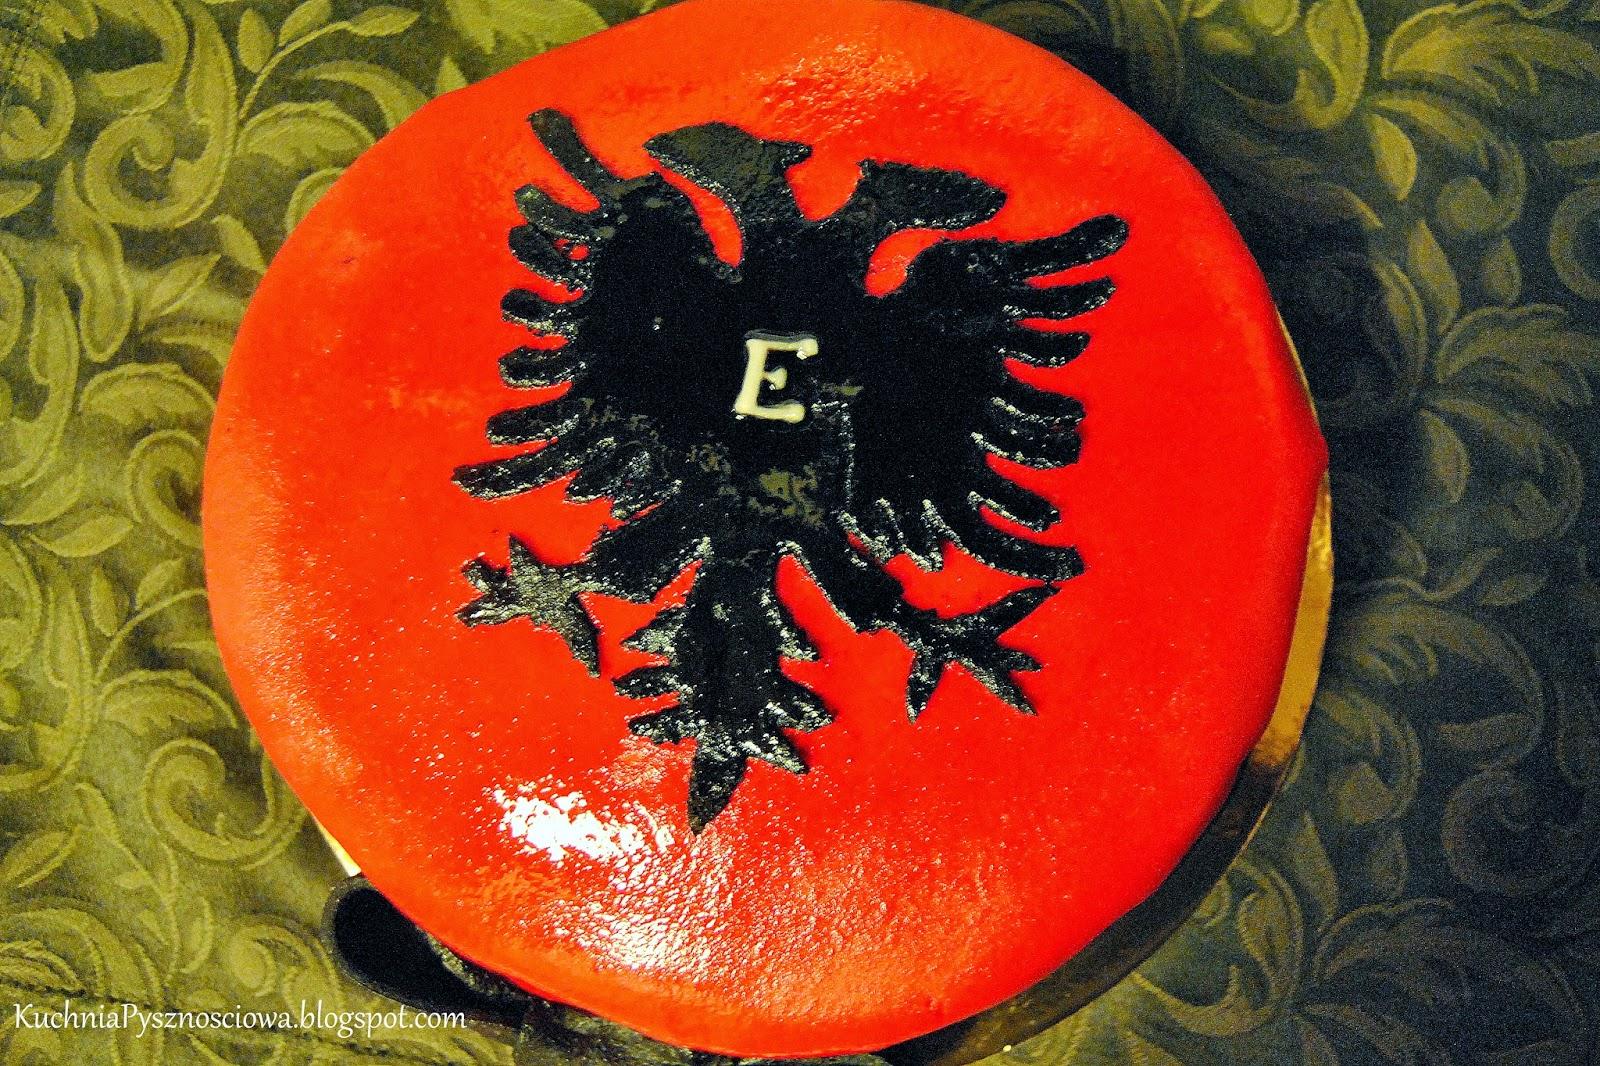 Tort z dwugłowym orłem dla Albańczyka